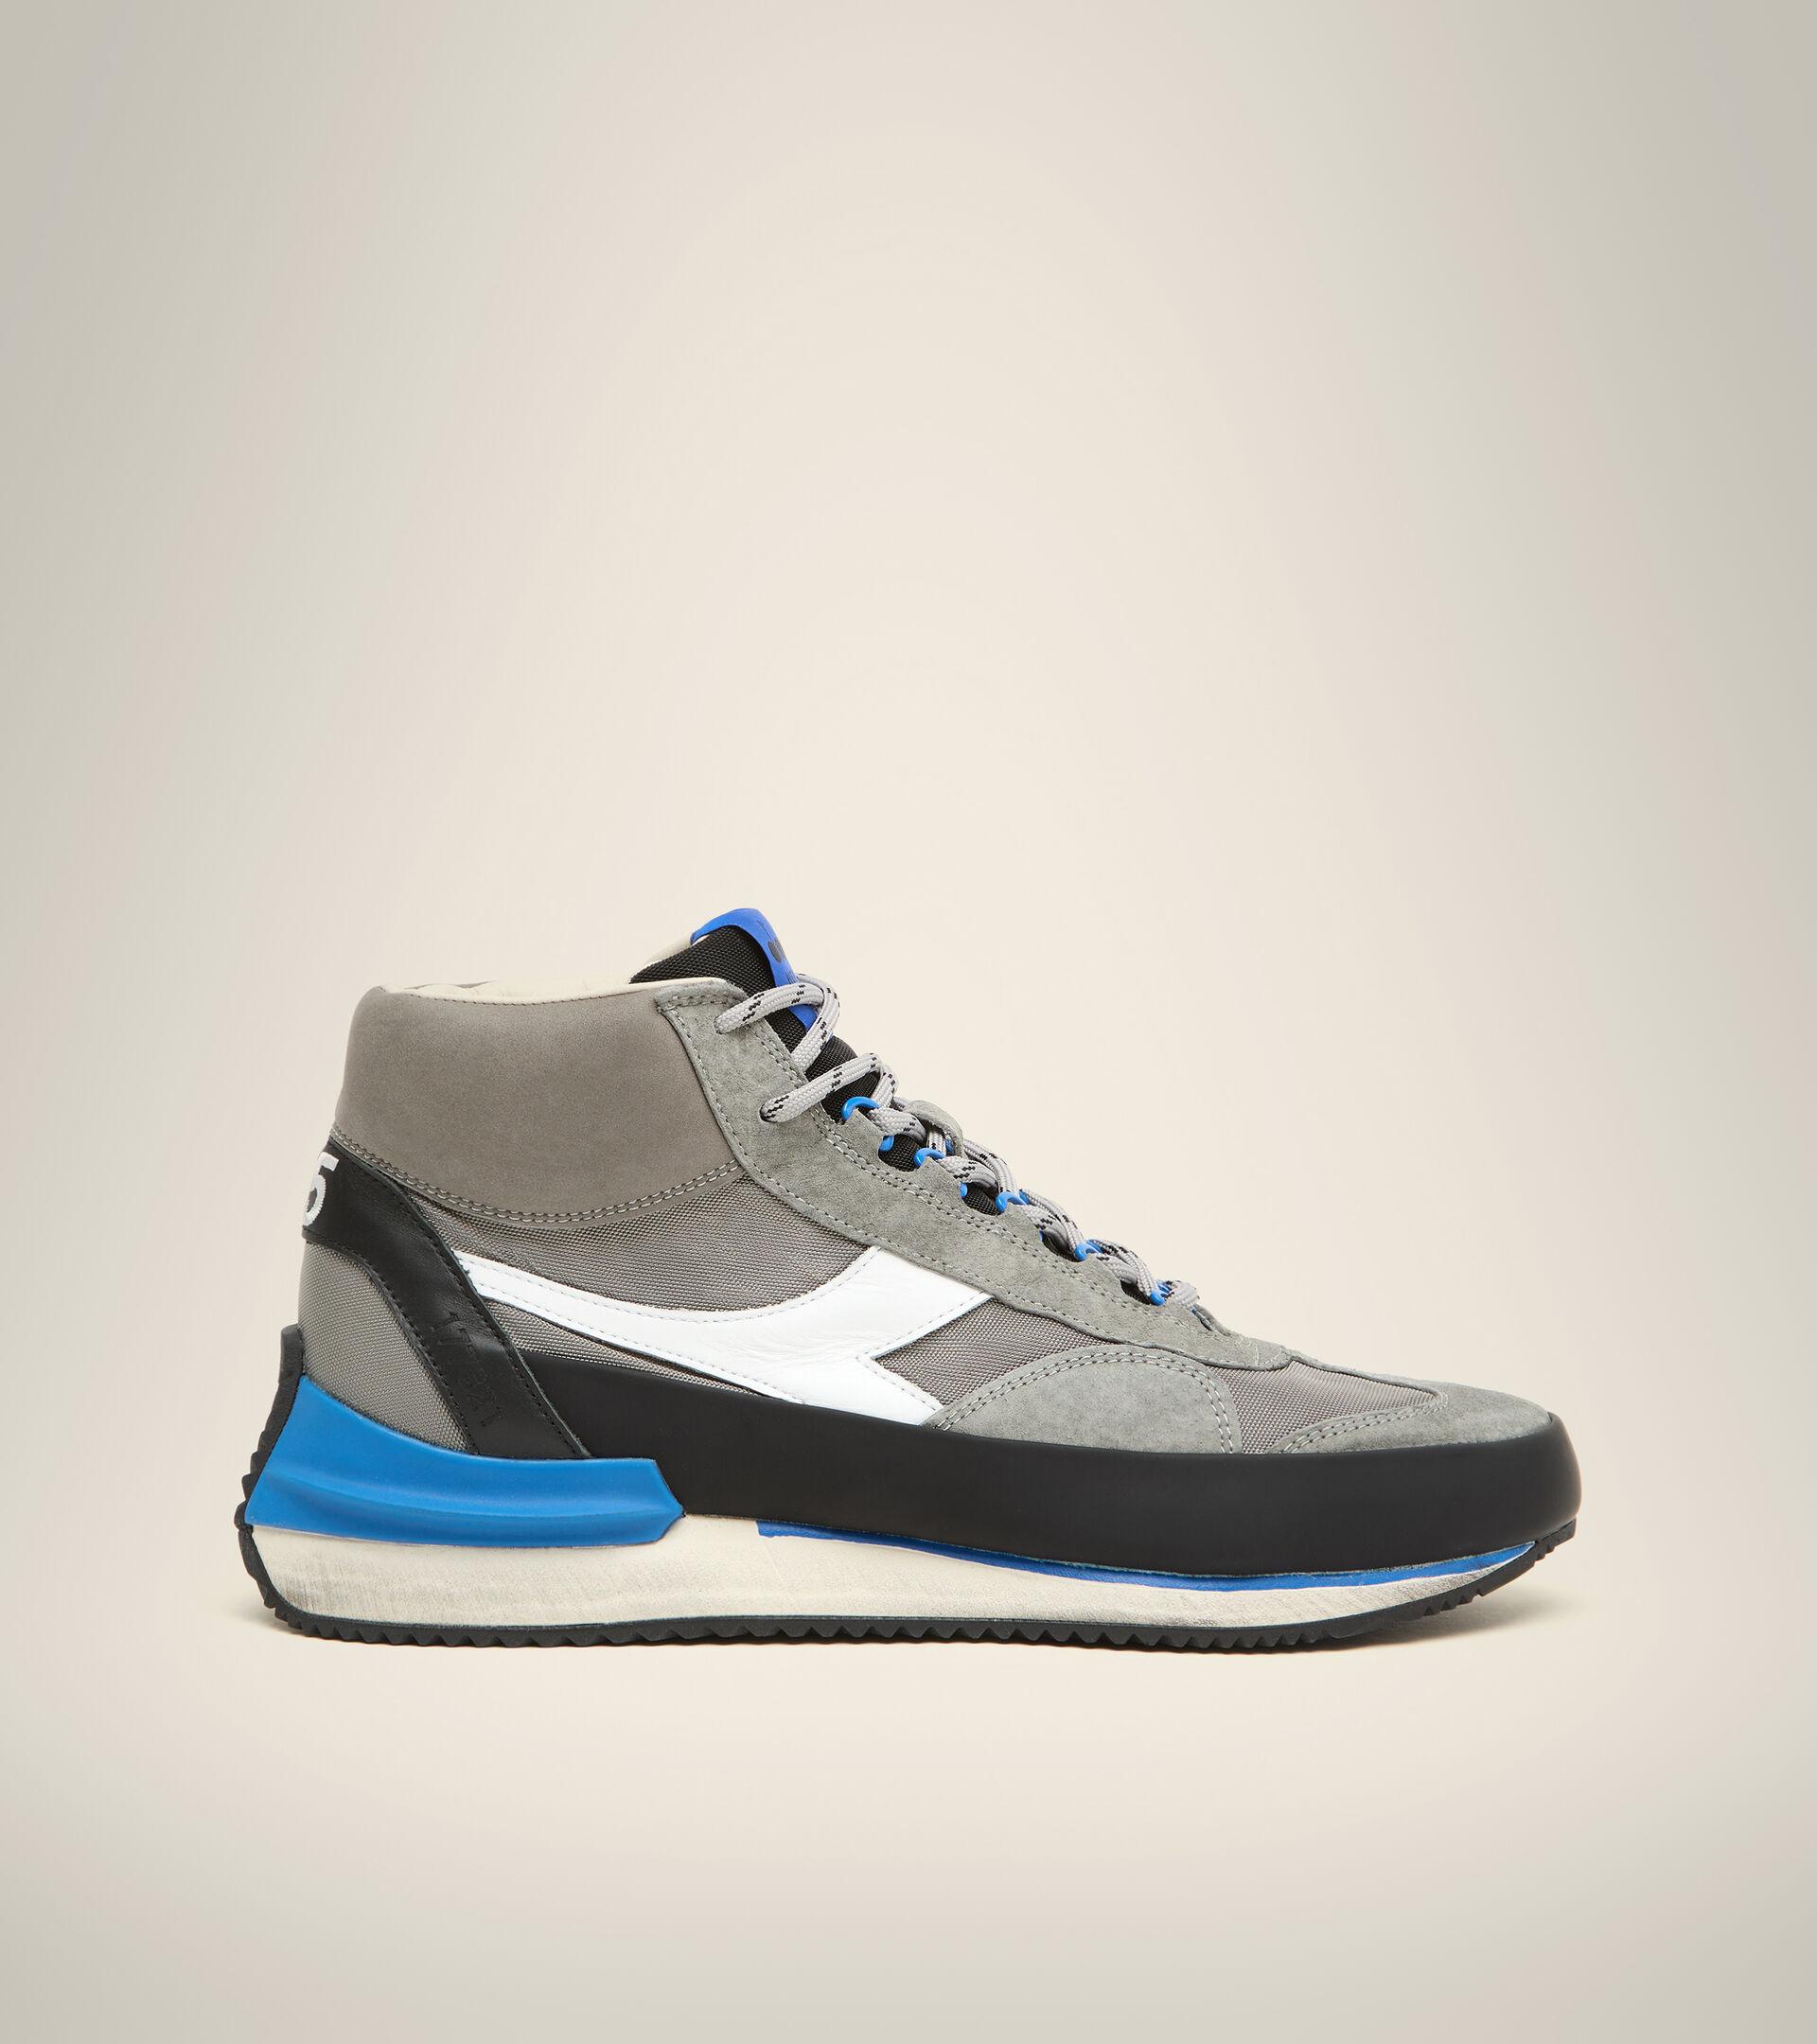 Heritage-Schuh Made in Italy - Herren EQUIPE MID MAD ITALIA NUBUCK SW FARBLOSGRAU - Diadora